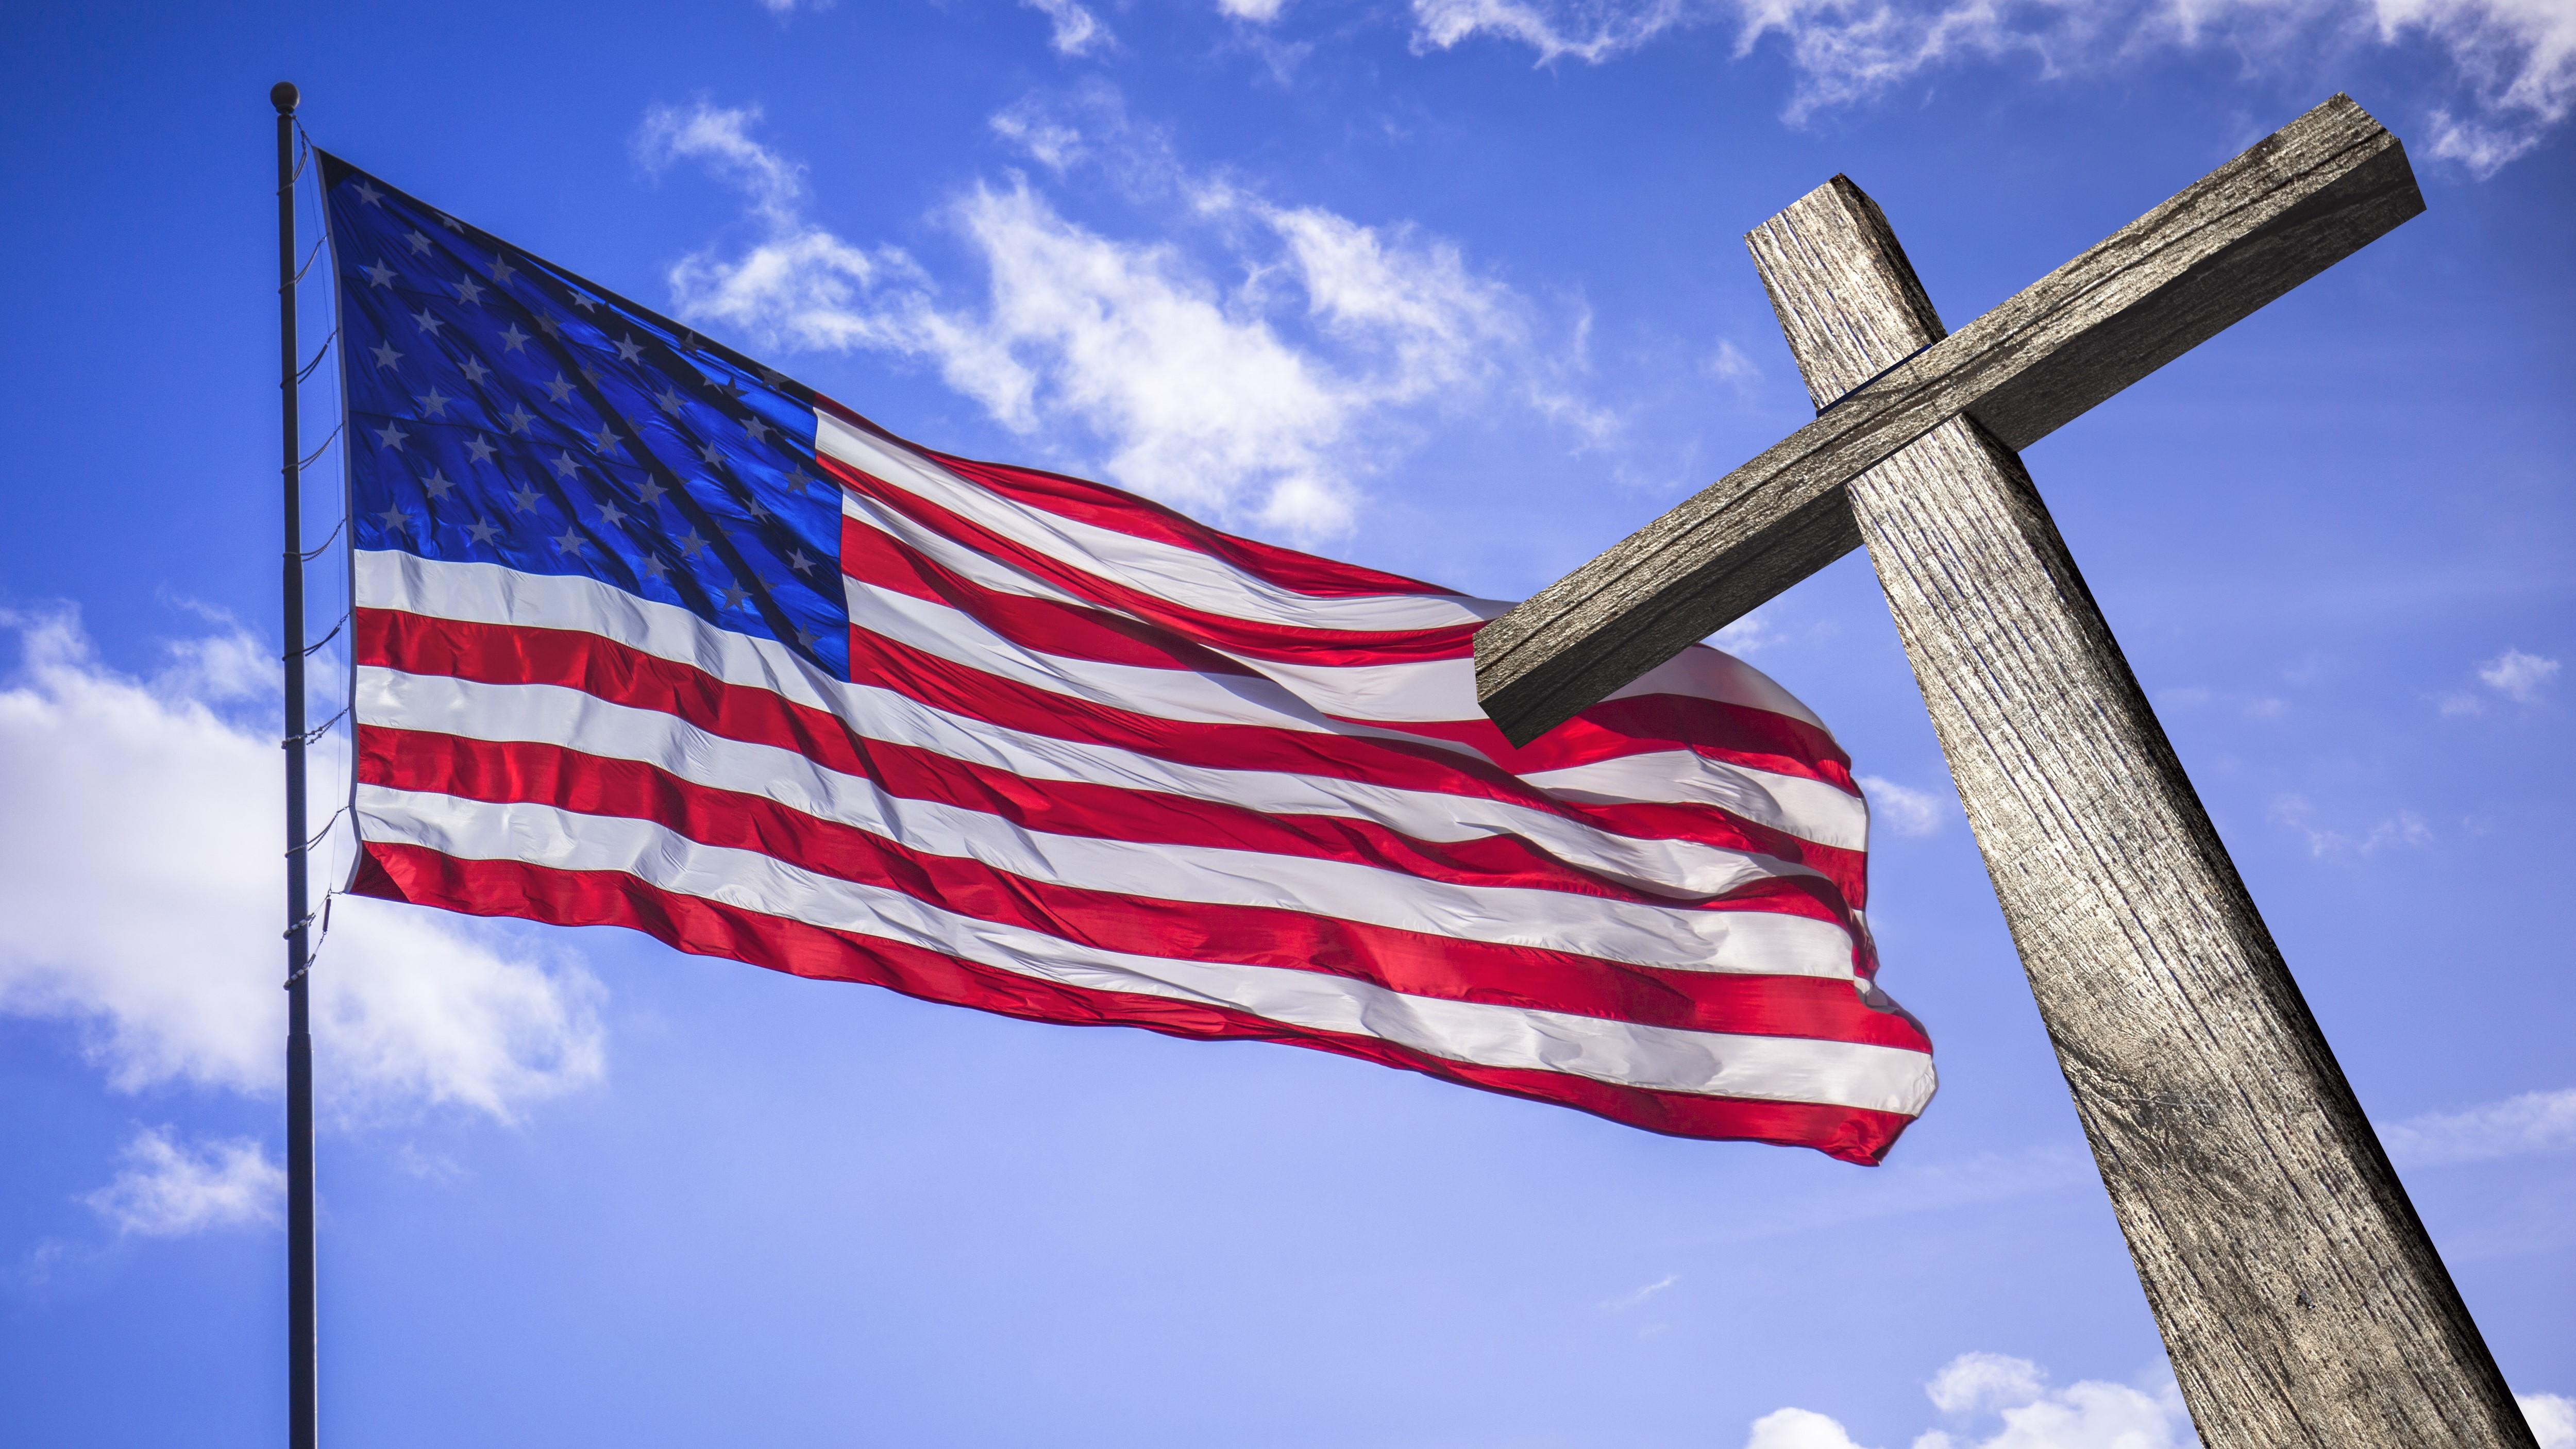 Cross and United States Flag symbolizing Christian nationalism